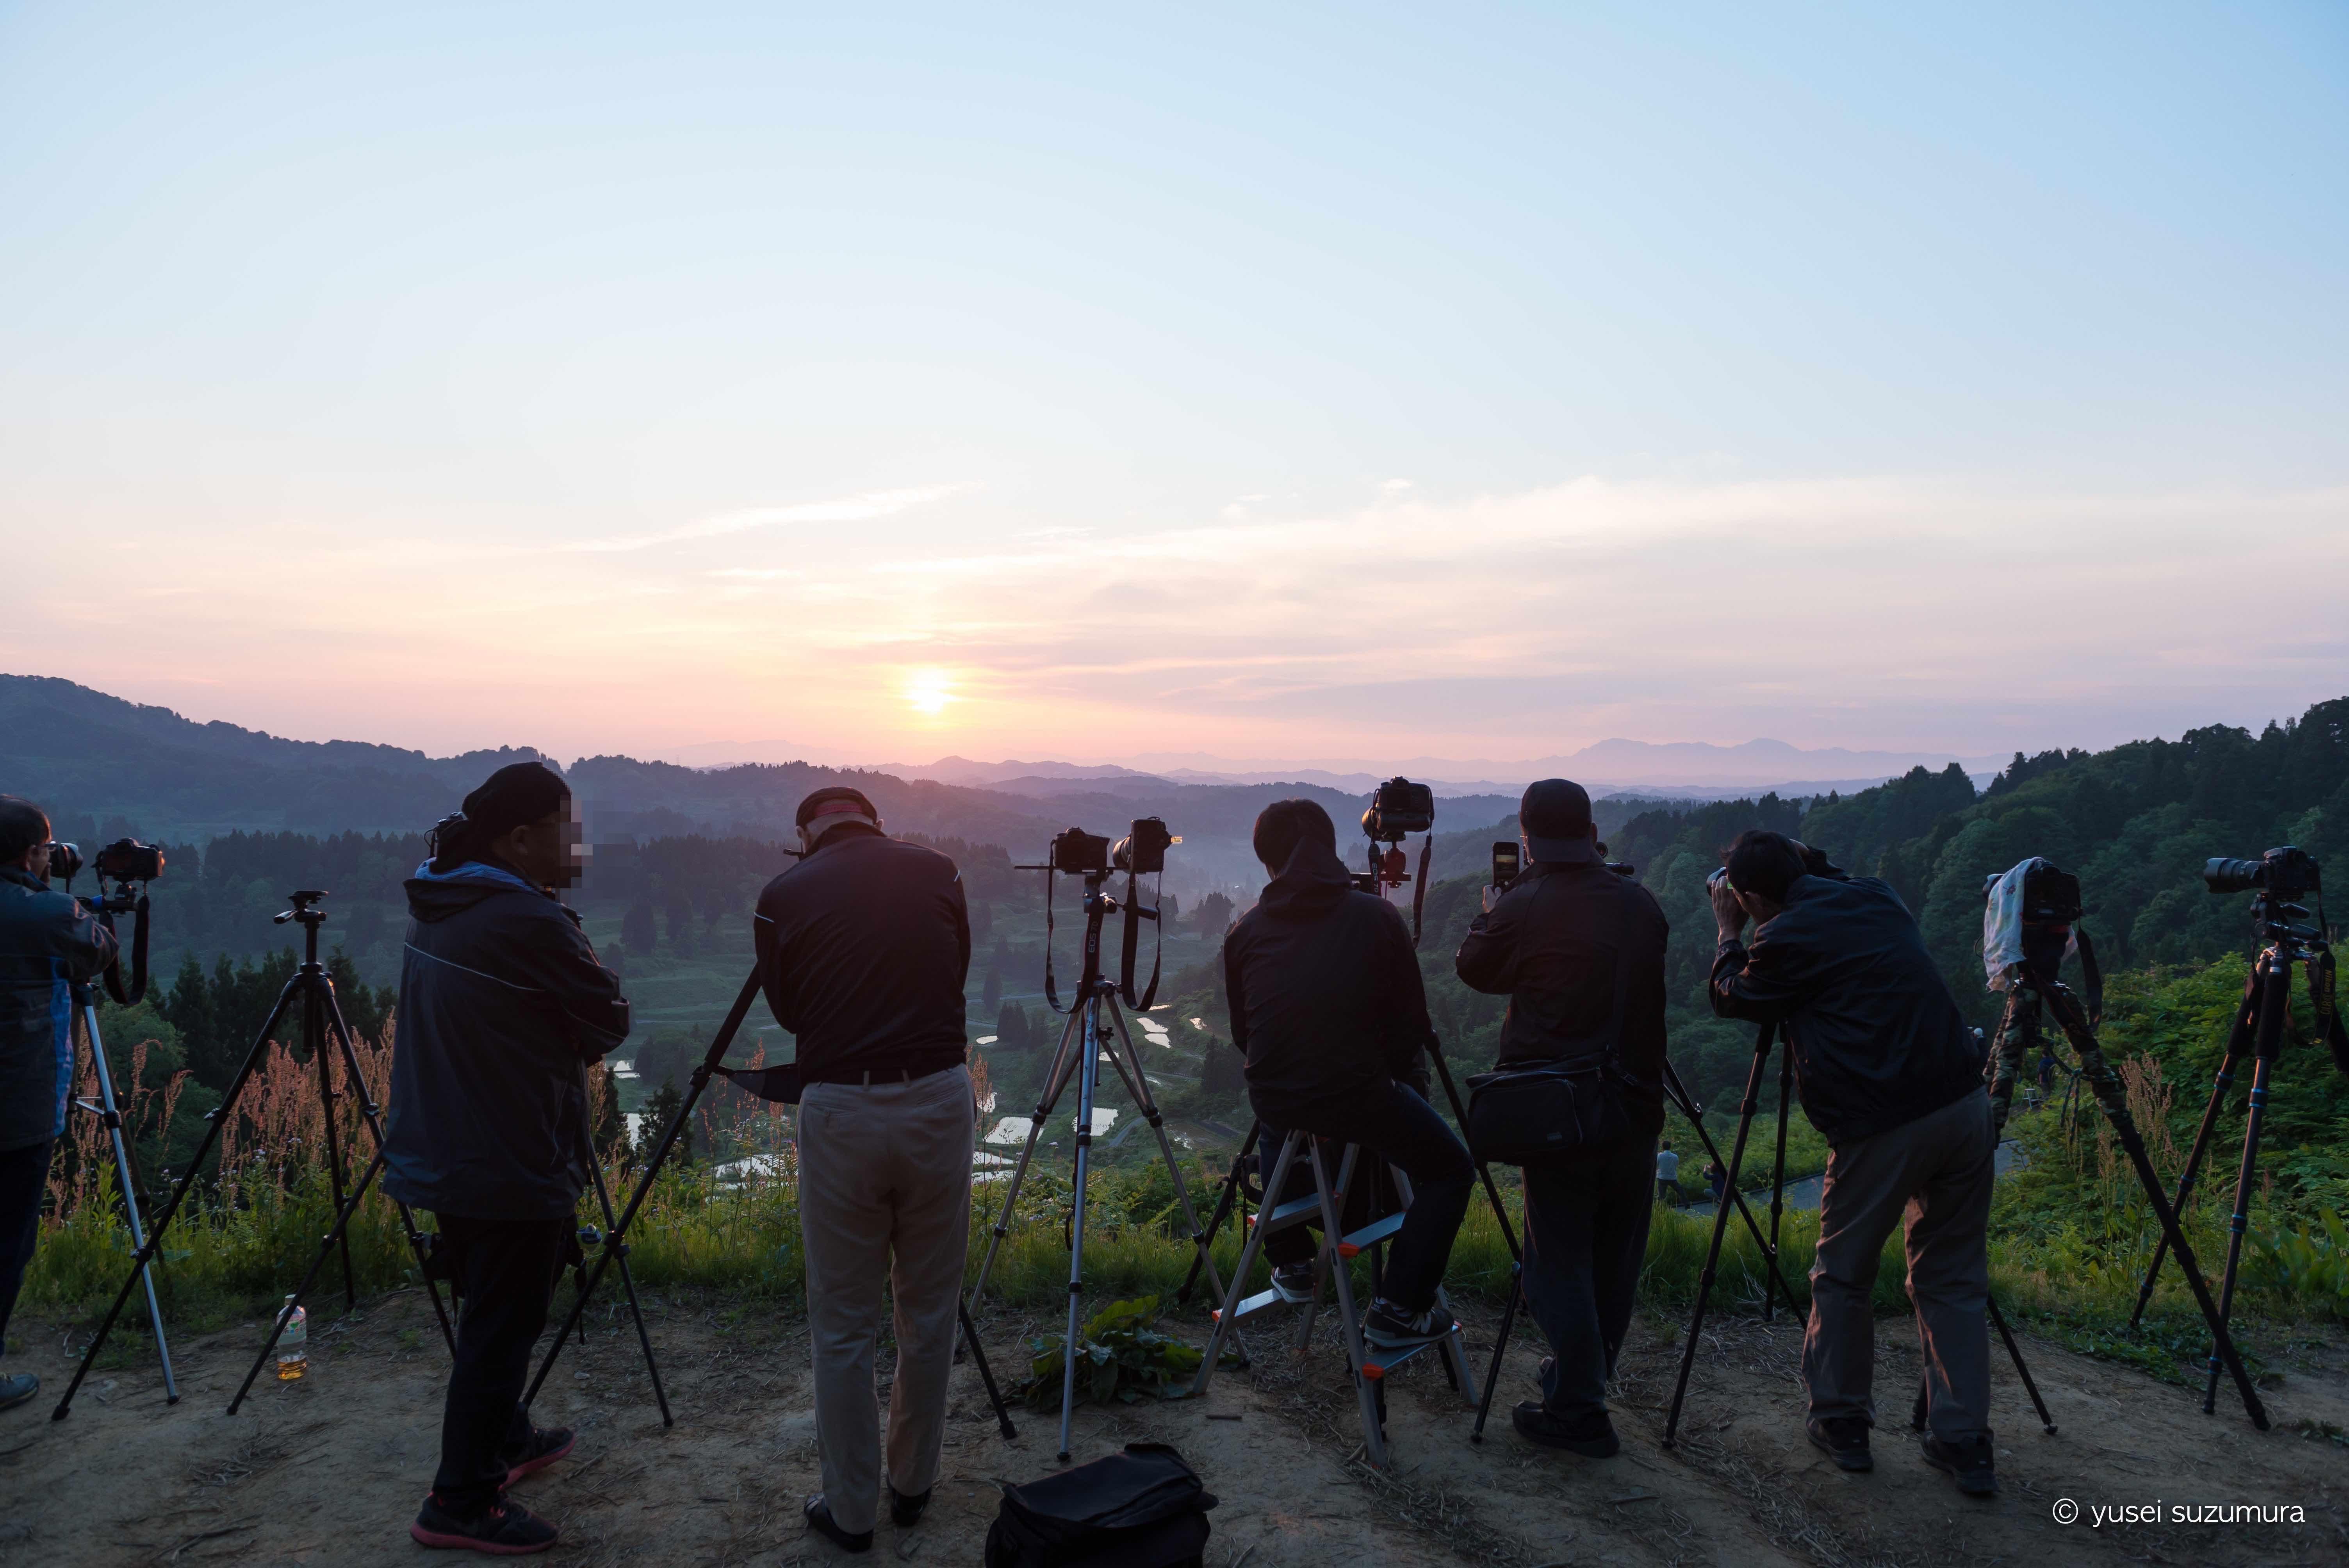 カメラマンでいっぱい!!星峠の棚田と美人林に行ってきた。